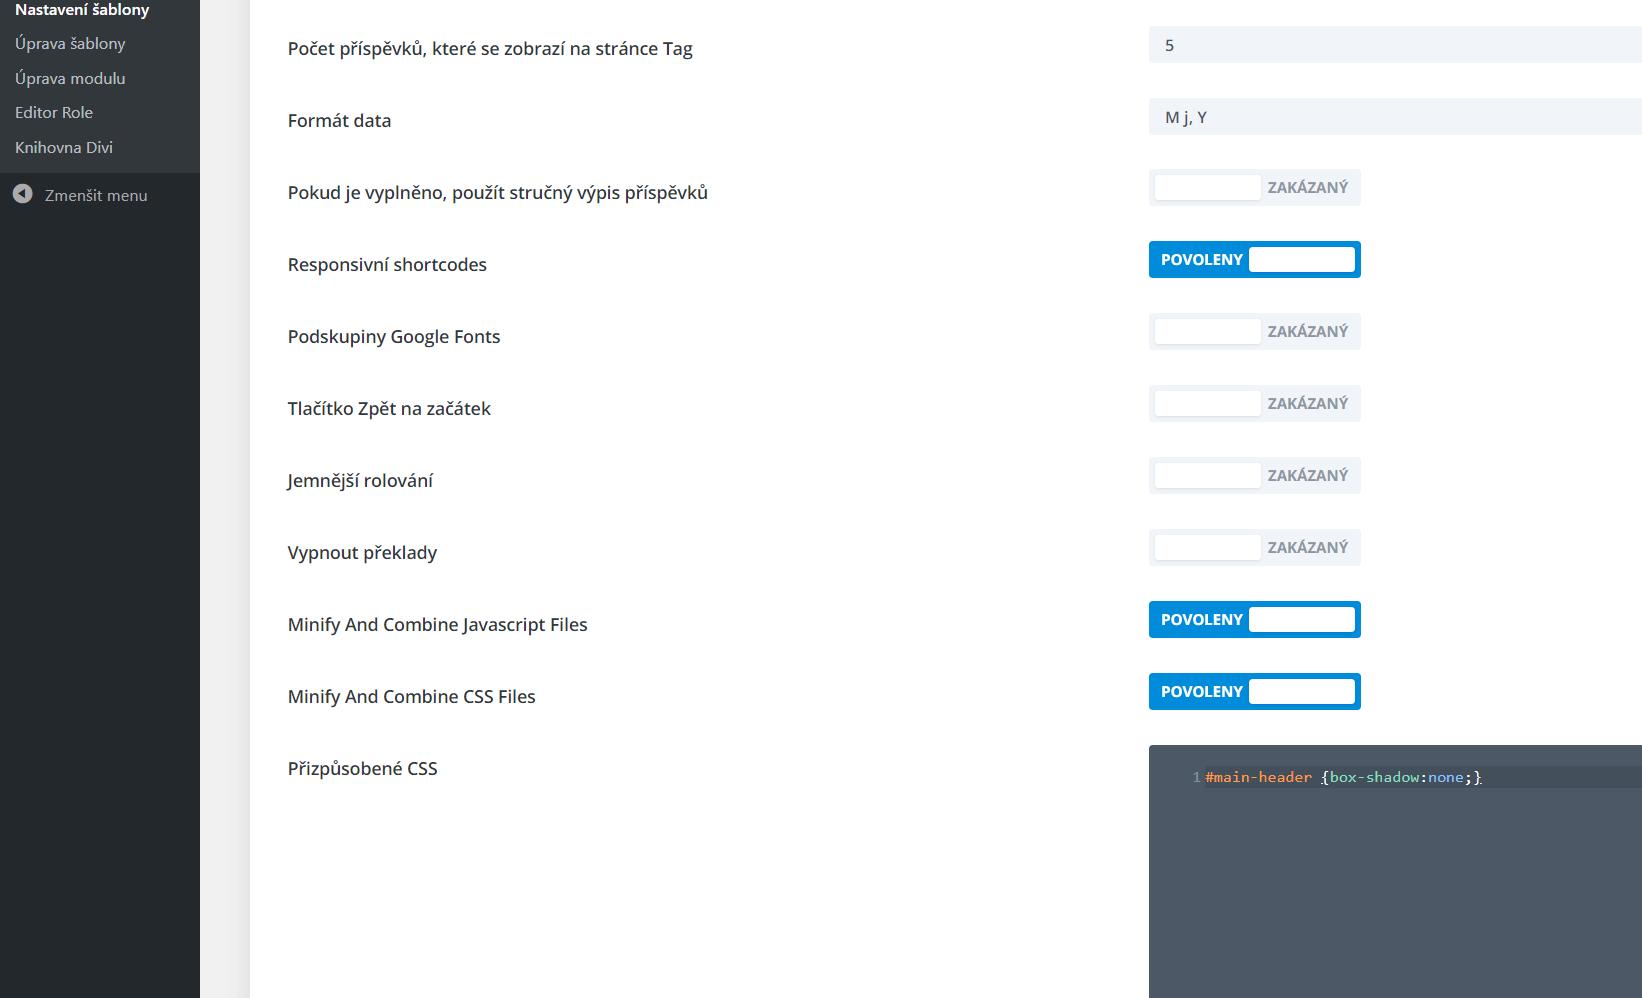 Přízpůsobené CSS